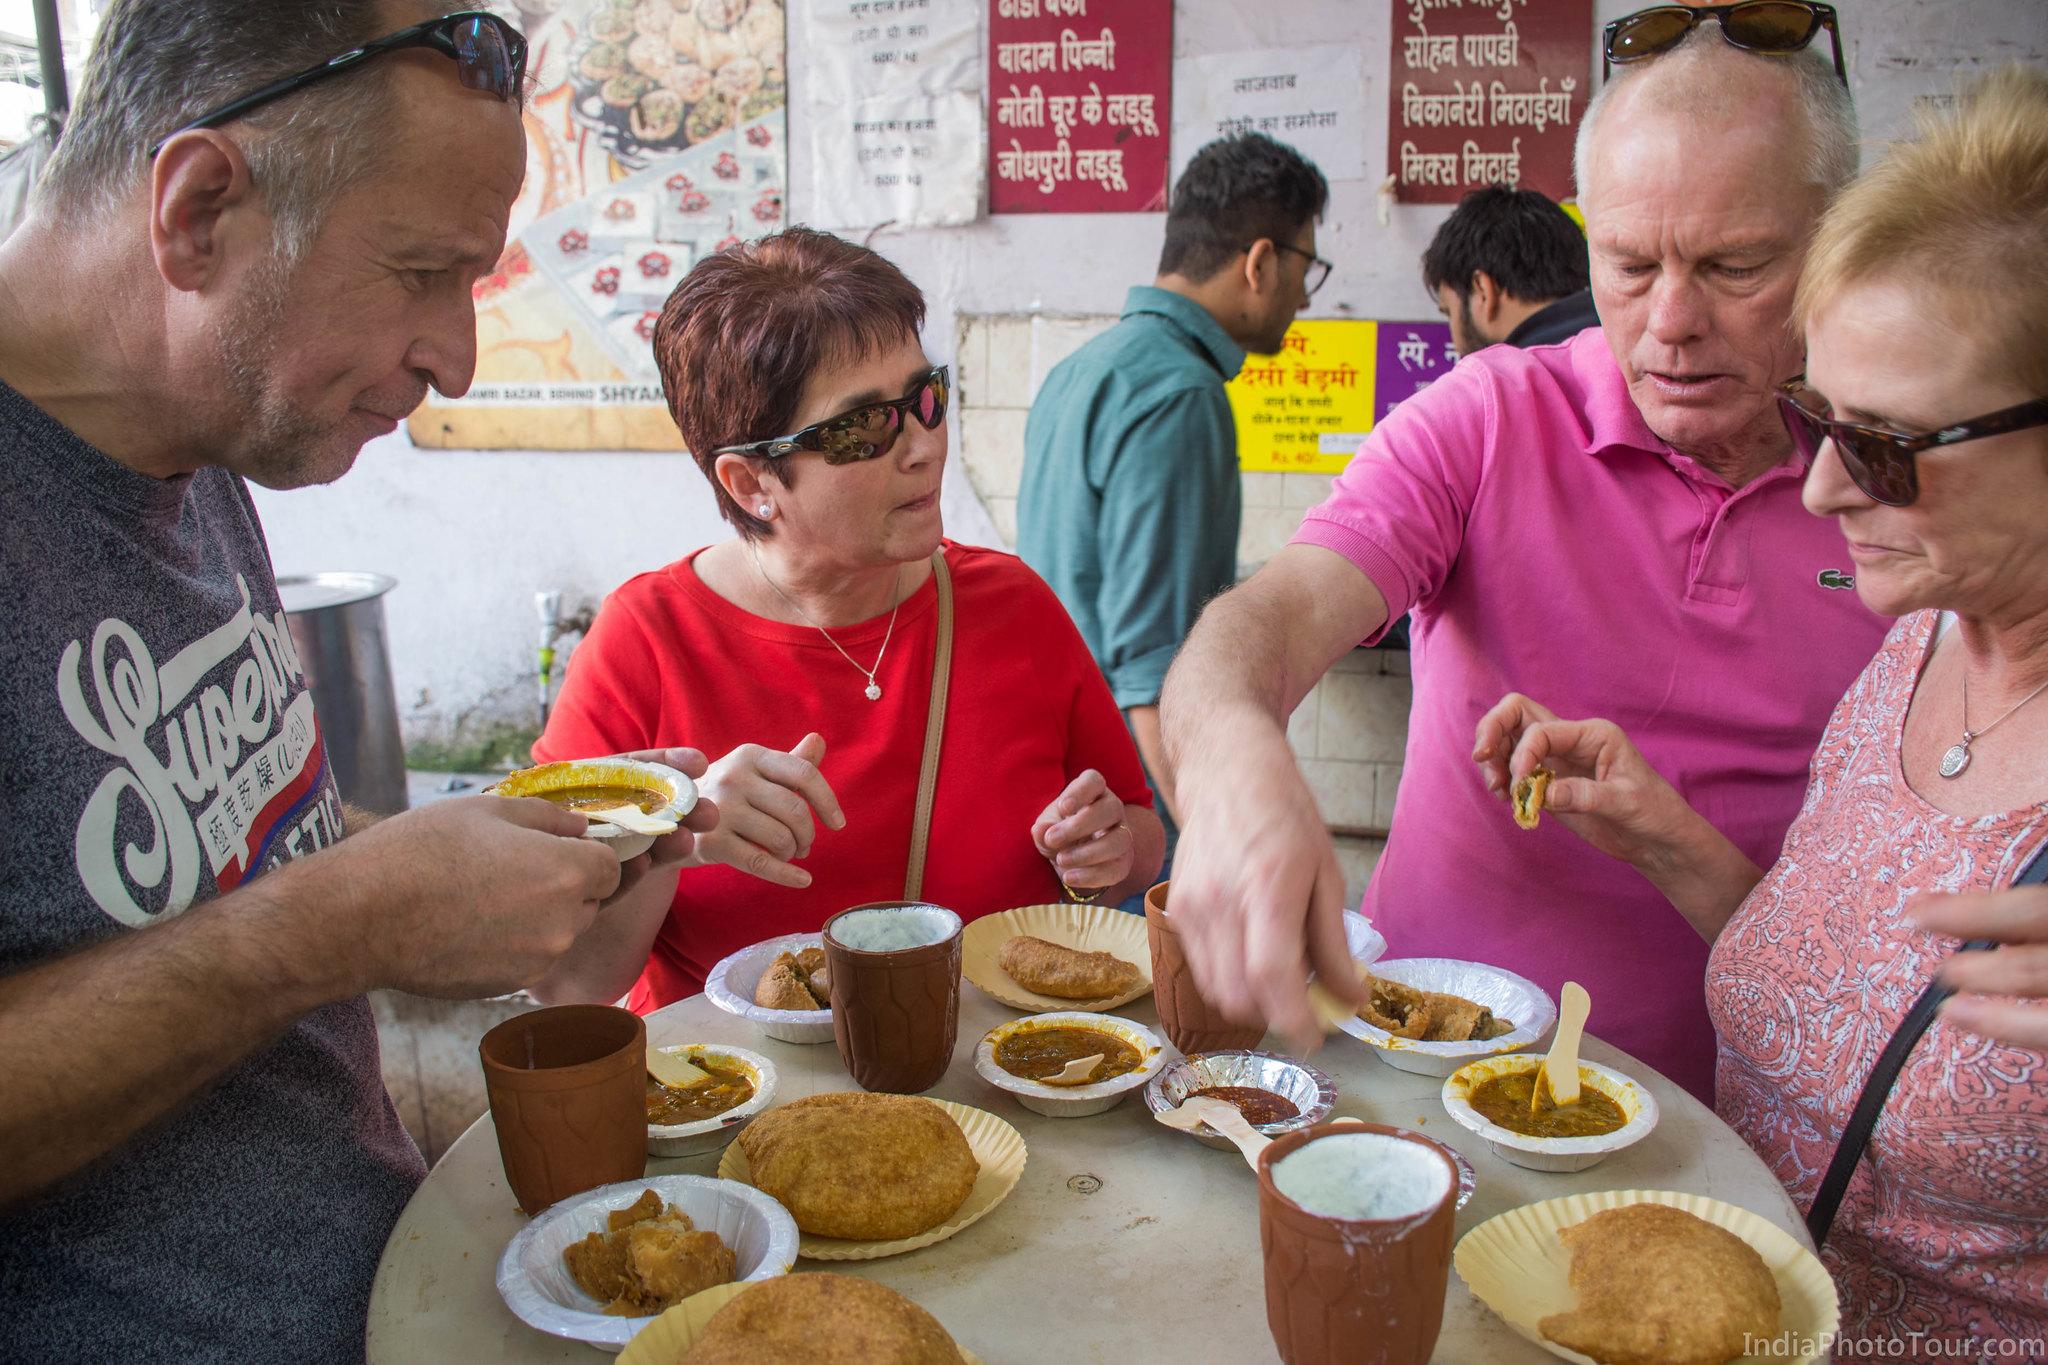 A meal of lassi, puri, kachori, samosa, aaloo sabzi to start the food tasting